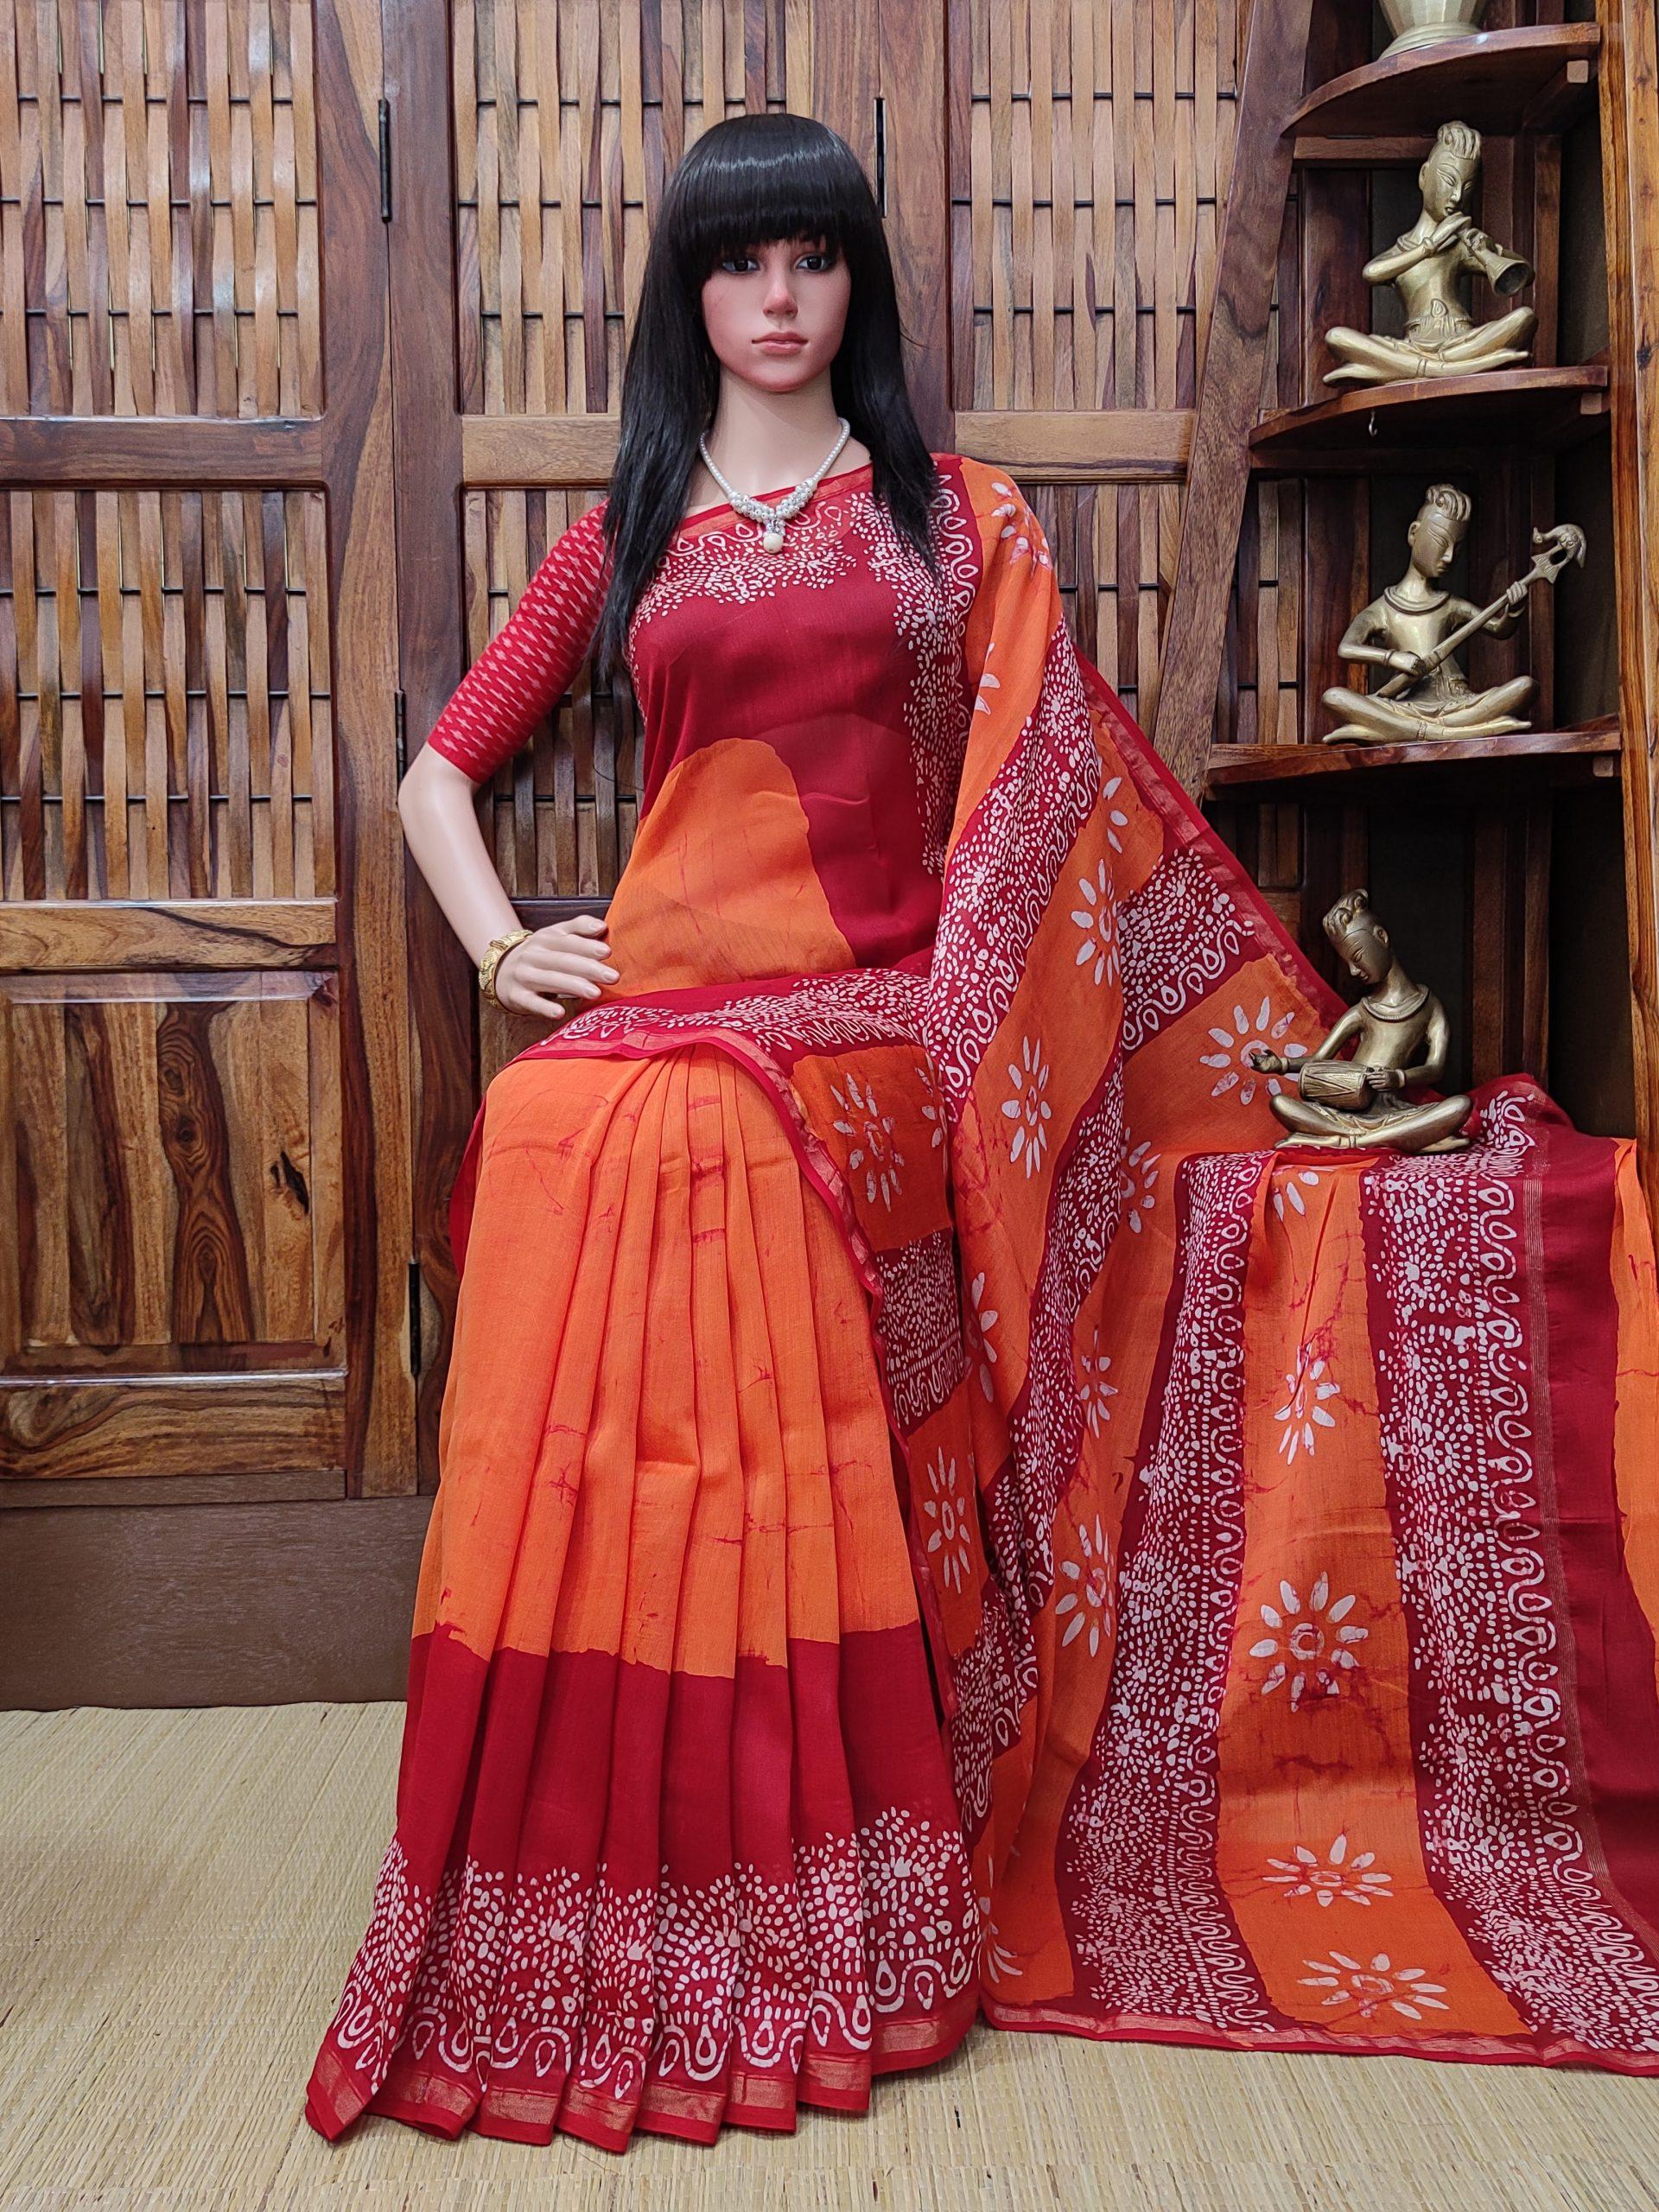 Charusmitha - Chanderi Sico Saree